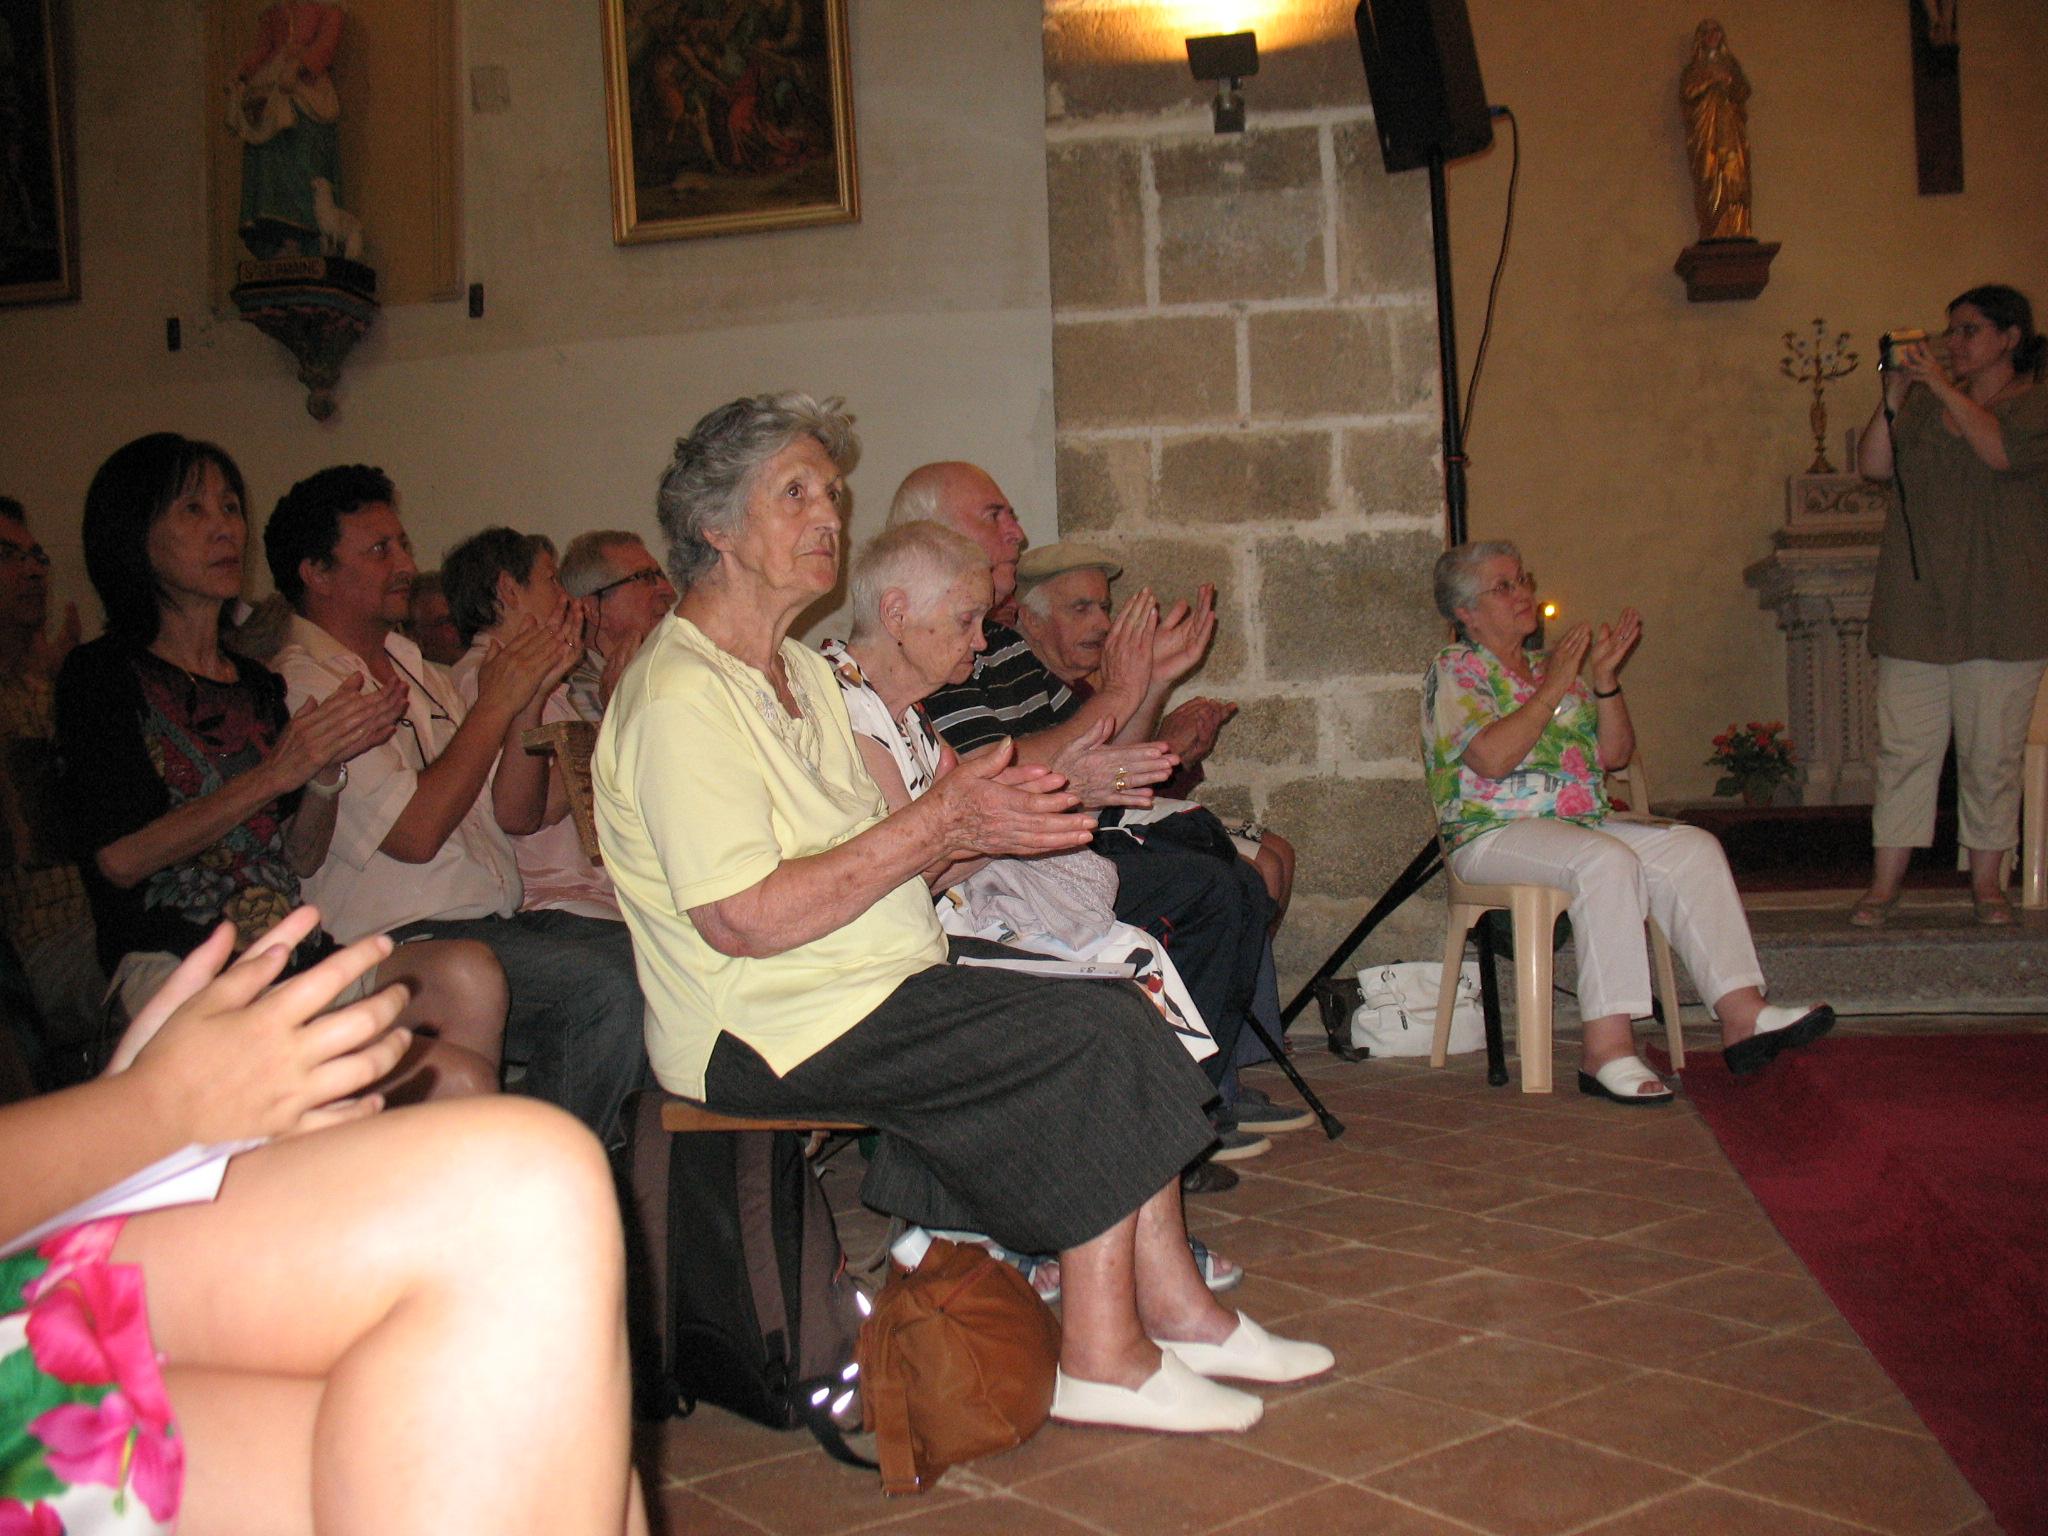 PHOTOS_CEDRES_082010_107.jpg